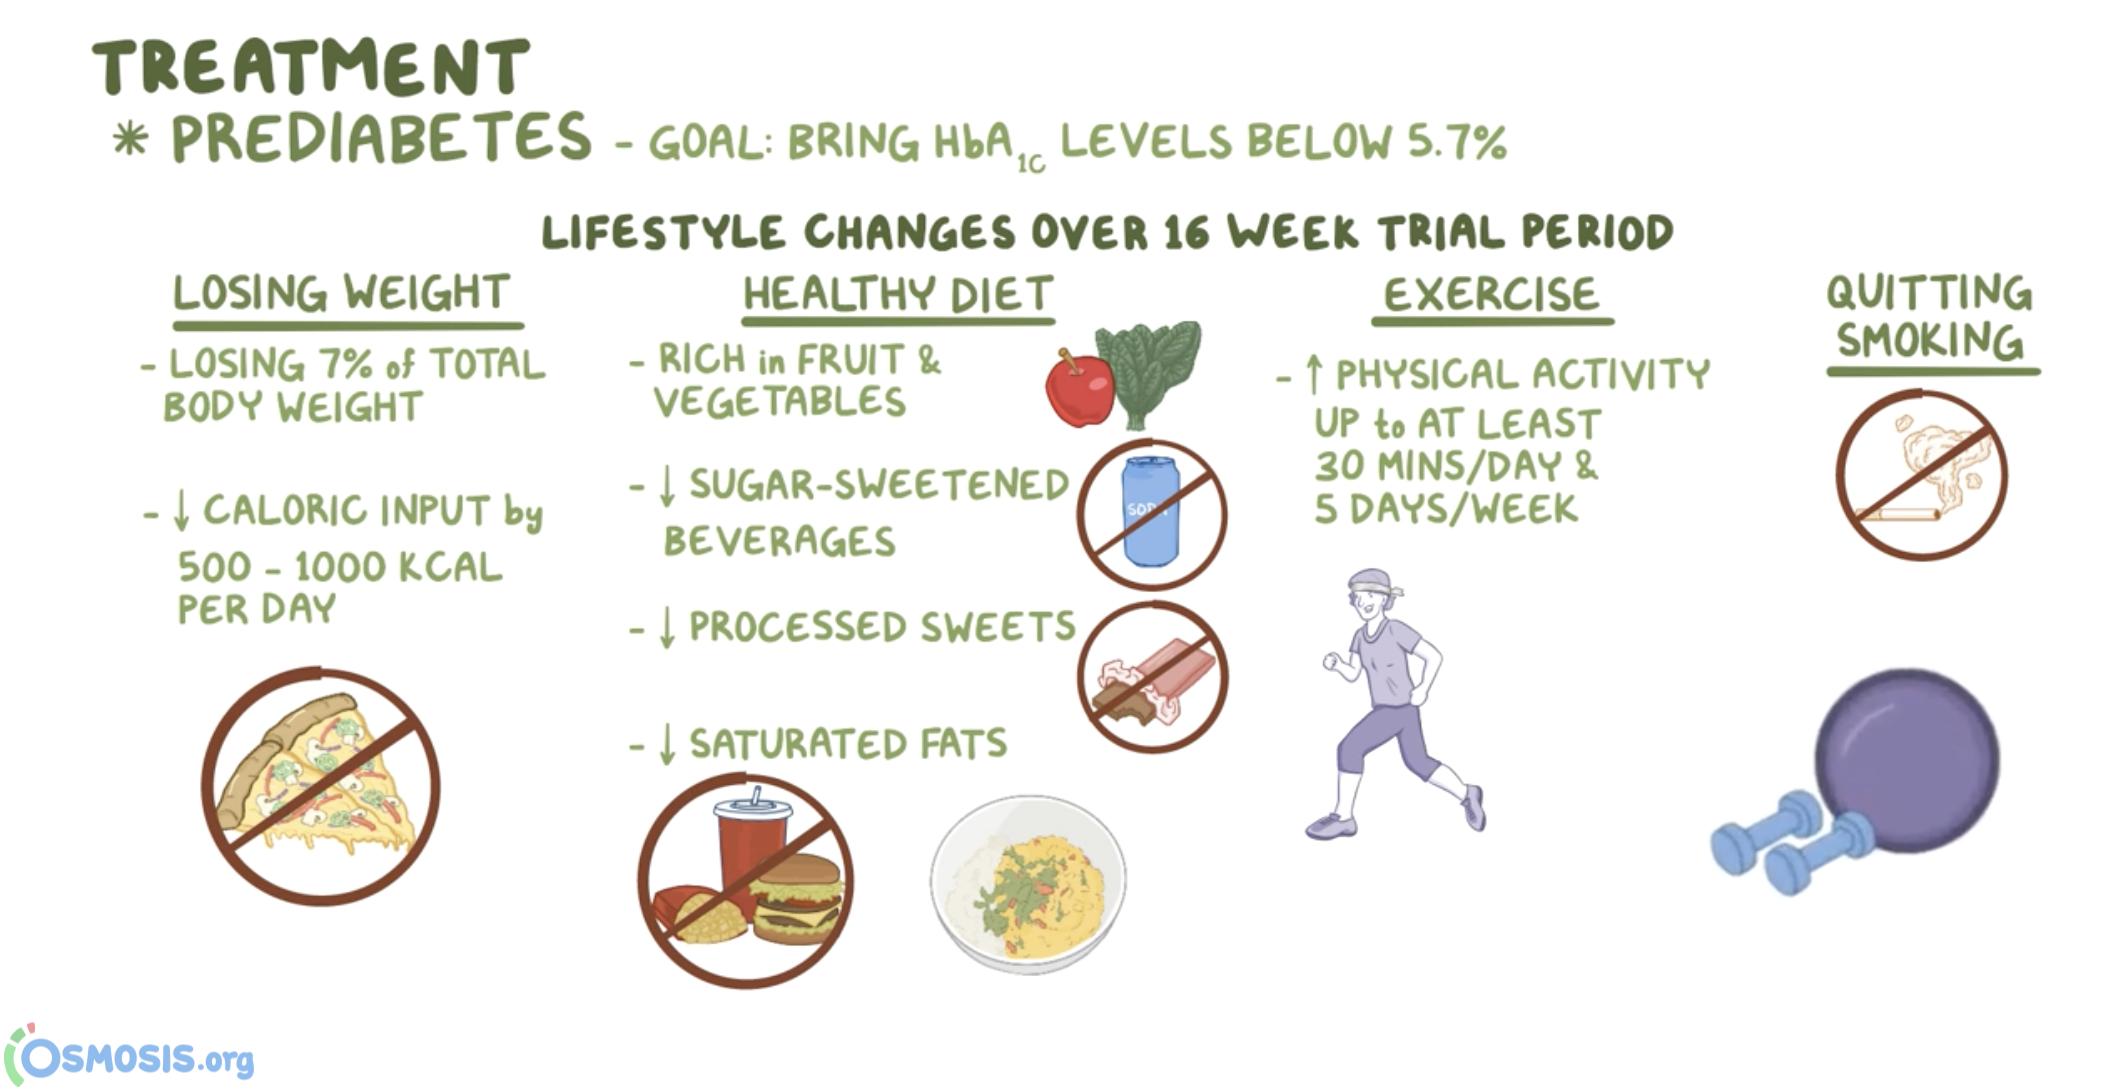 Prediabetes treatments.